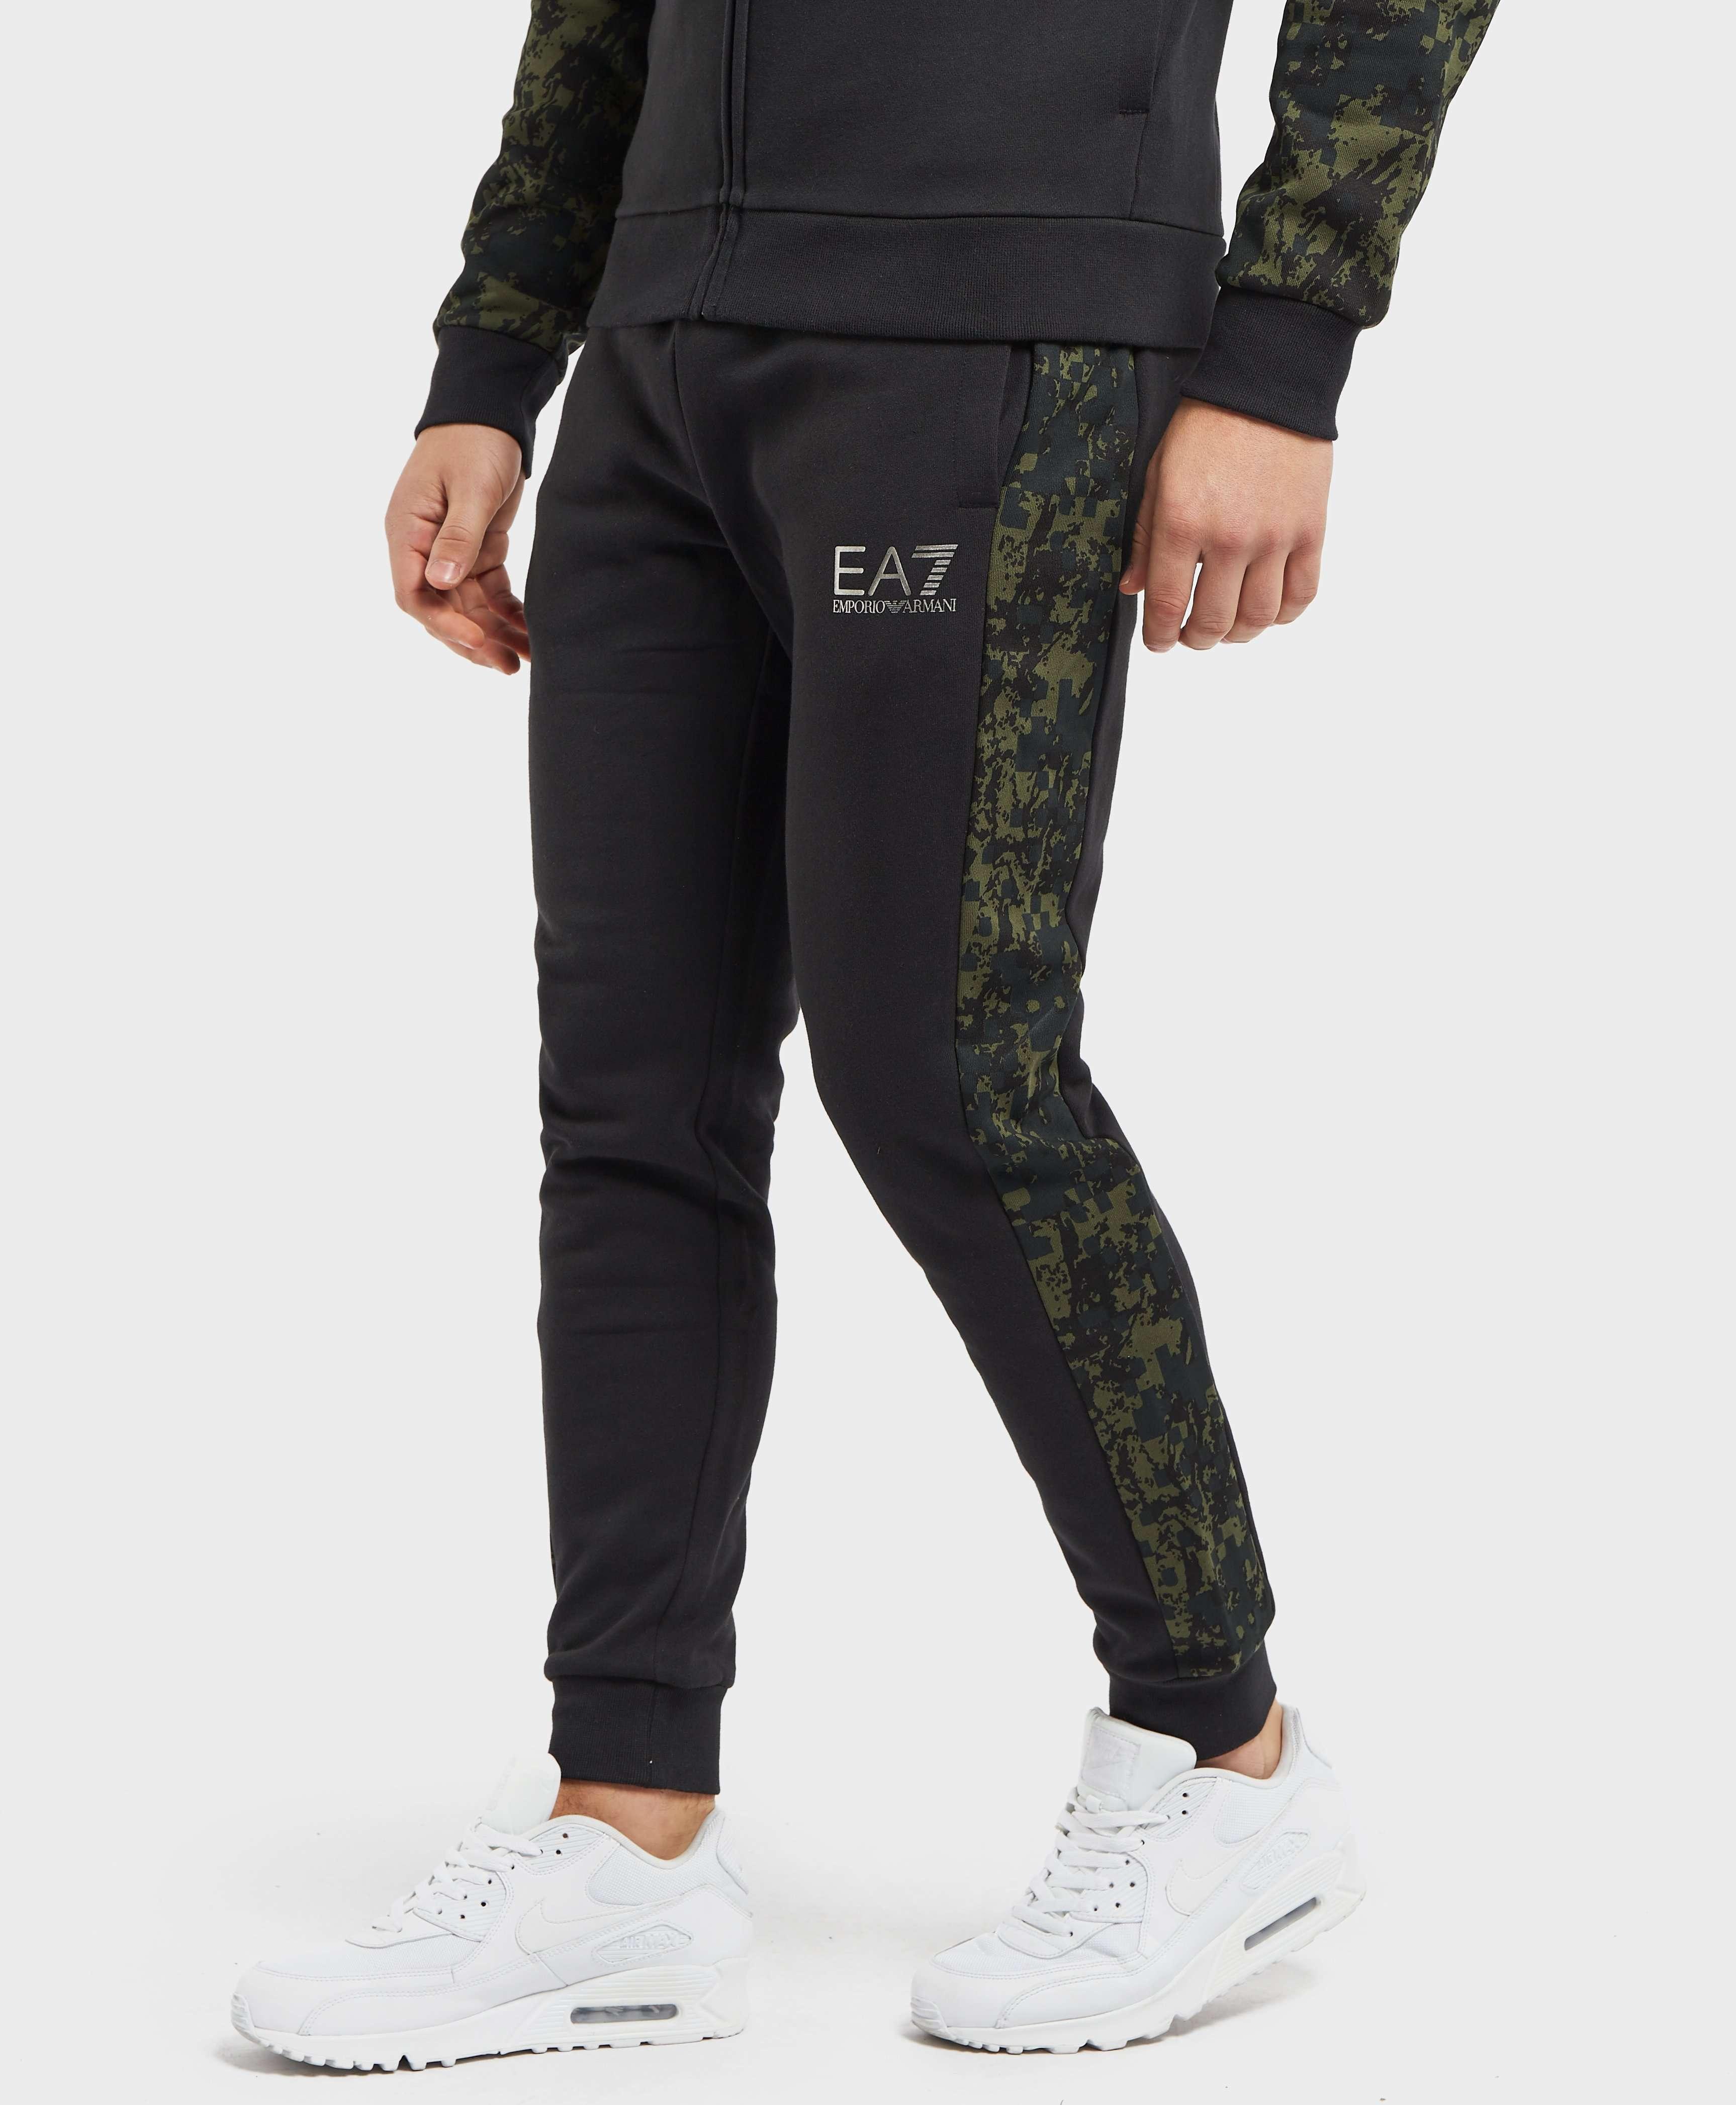 Emporio Armani EA7 Camo Colour Block Cuffed Fleece Pants